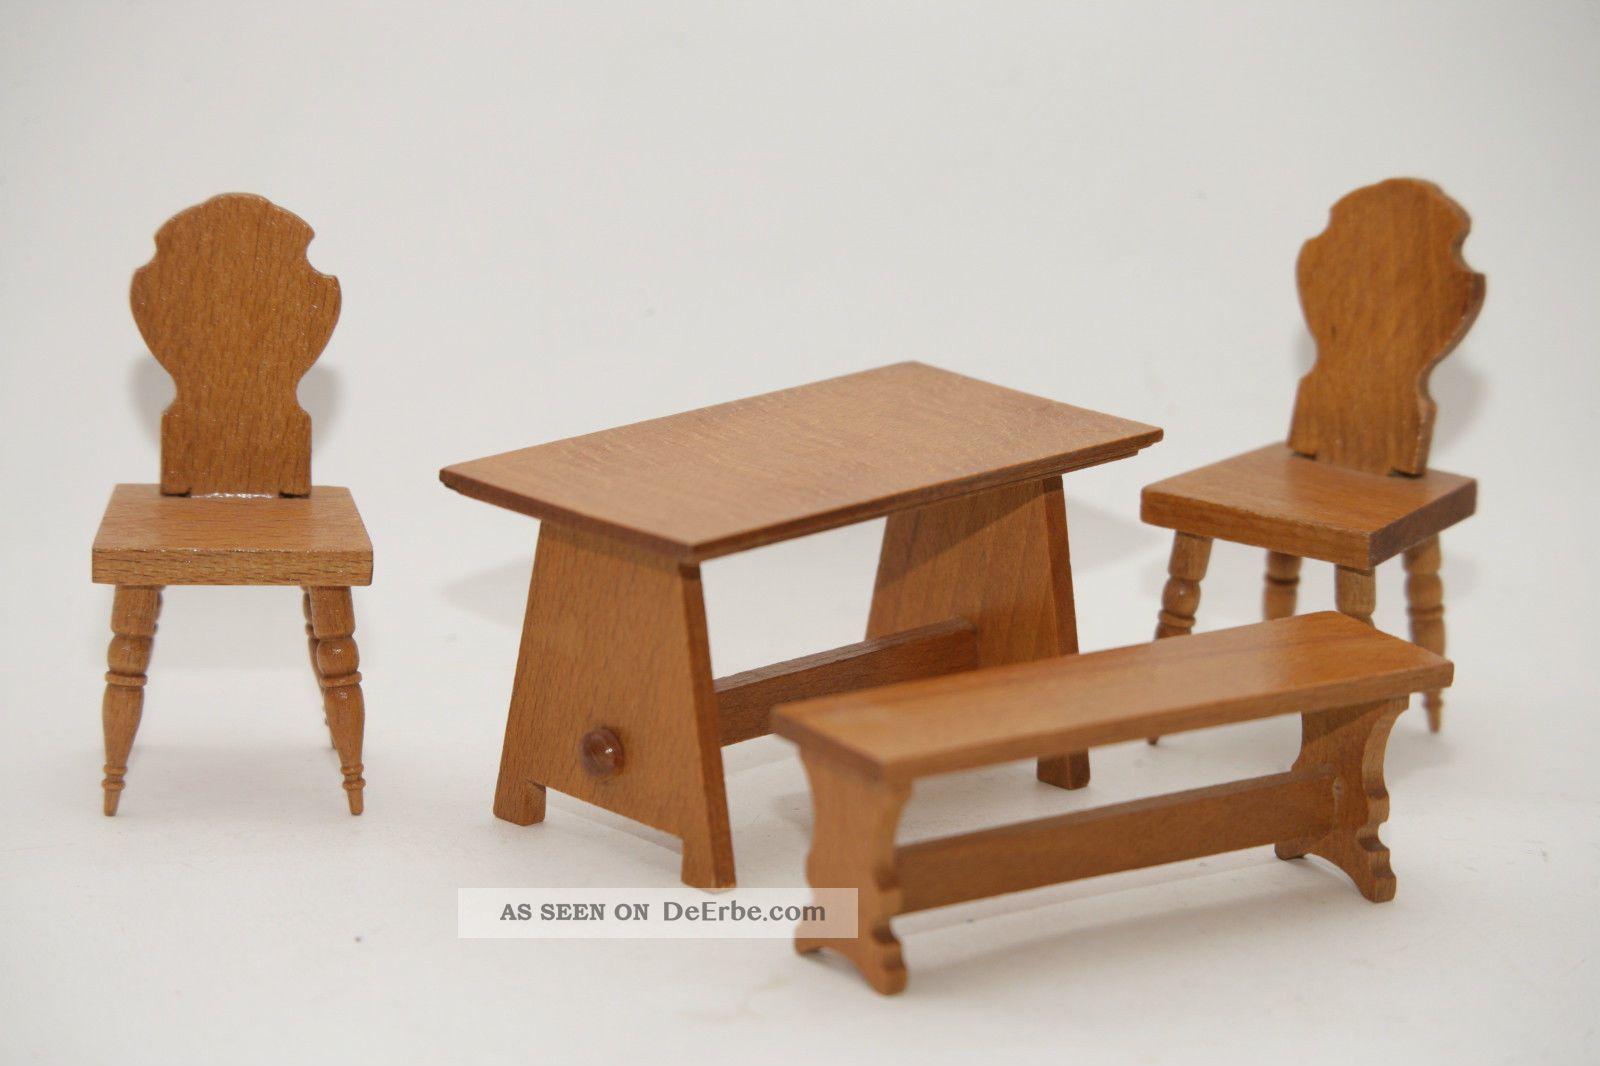 Möbel möbel design epochen : Bauern - Möbel Für Die Puppenstube Aus 70er Jahre Ddr Holz Puppe ...